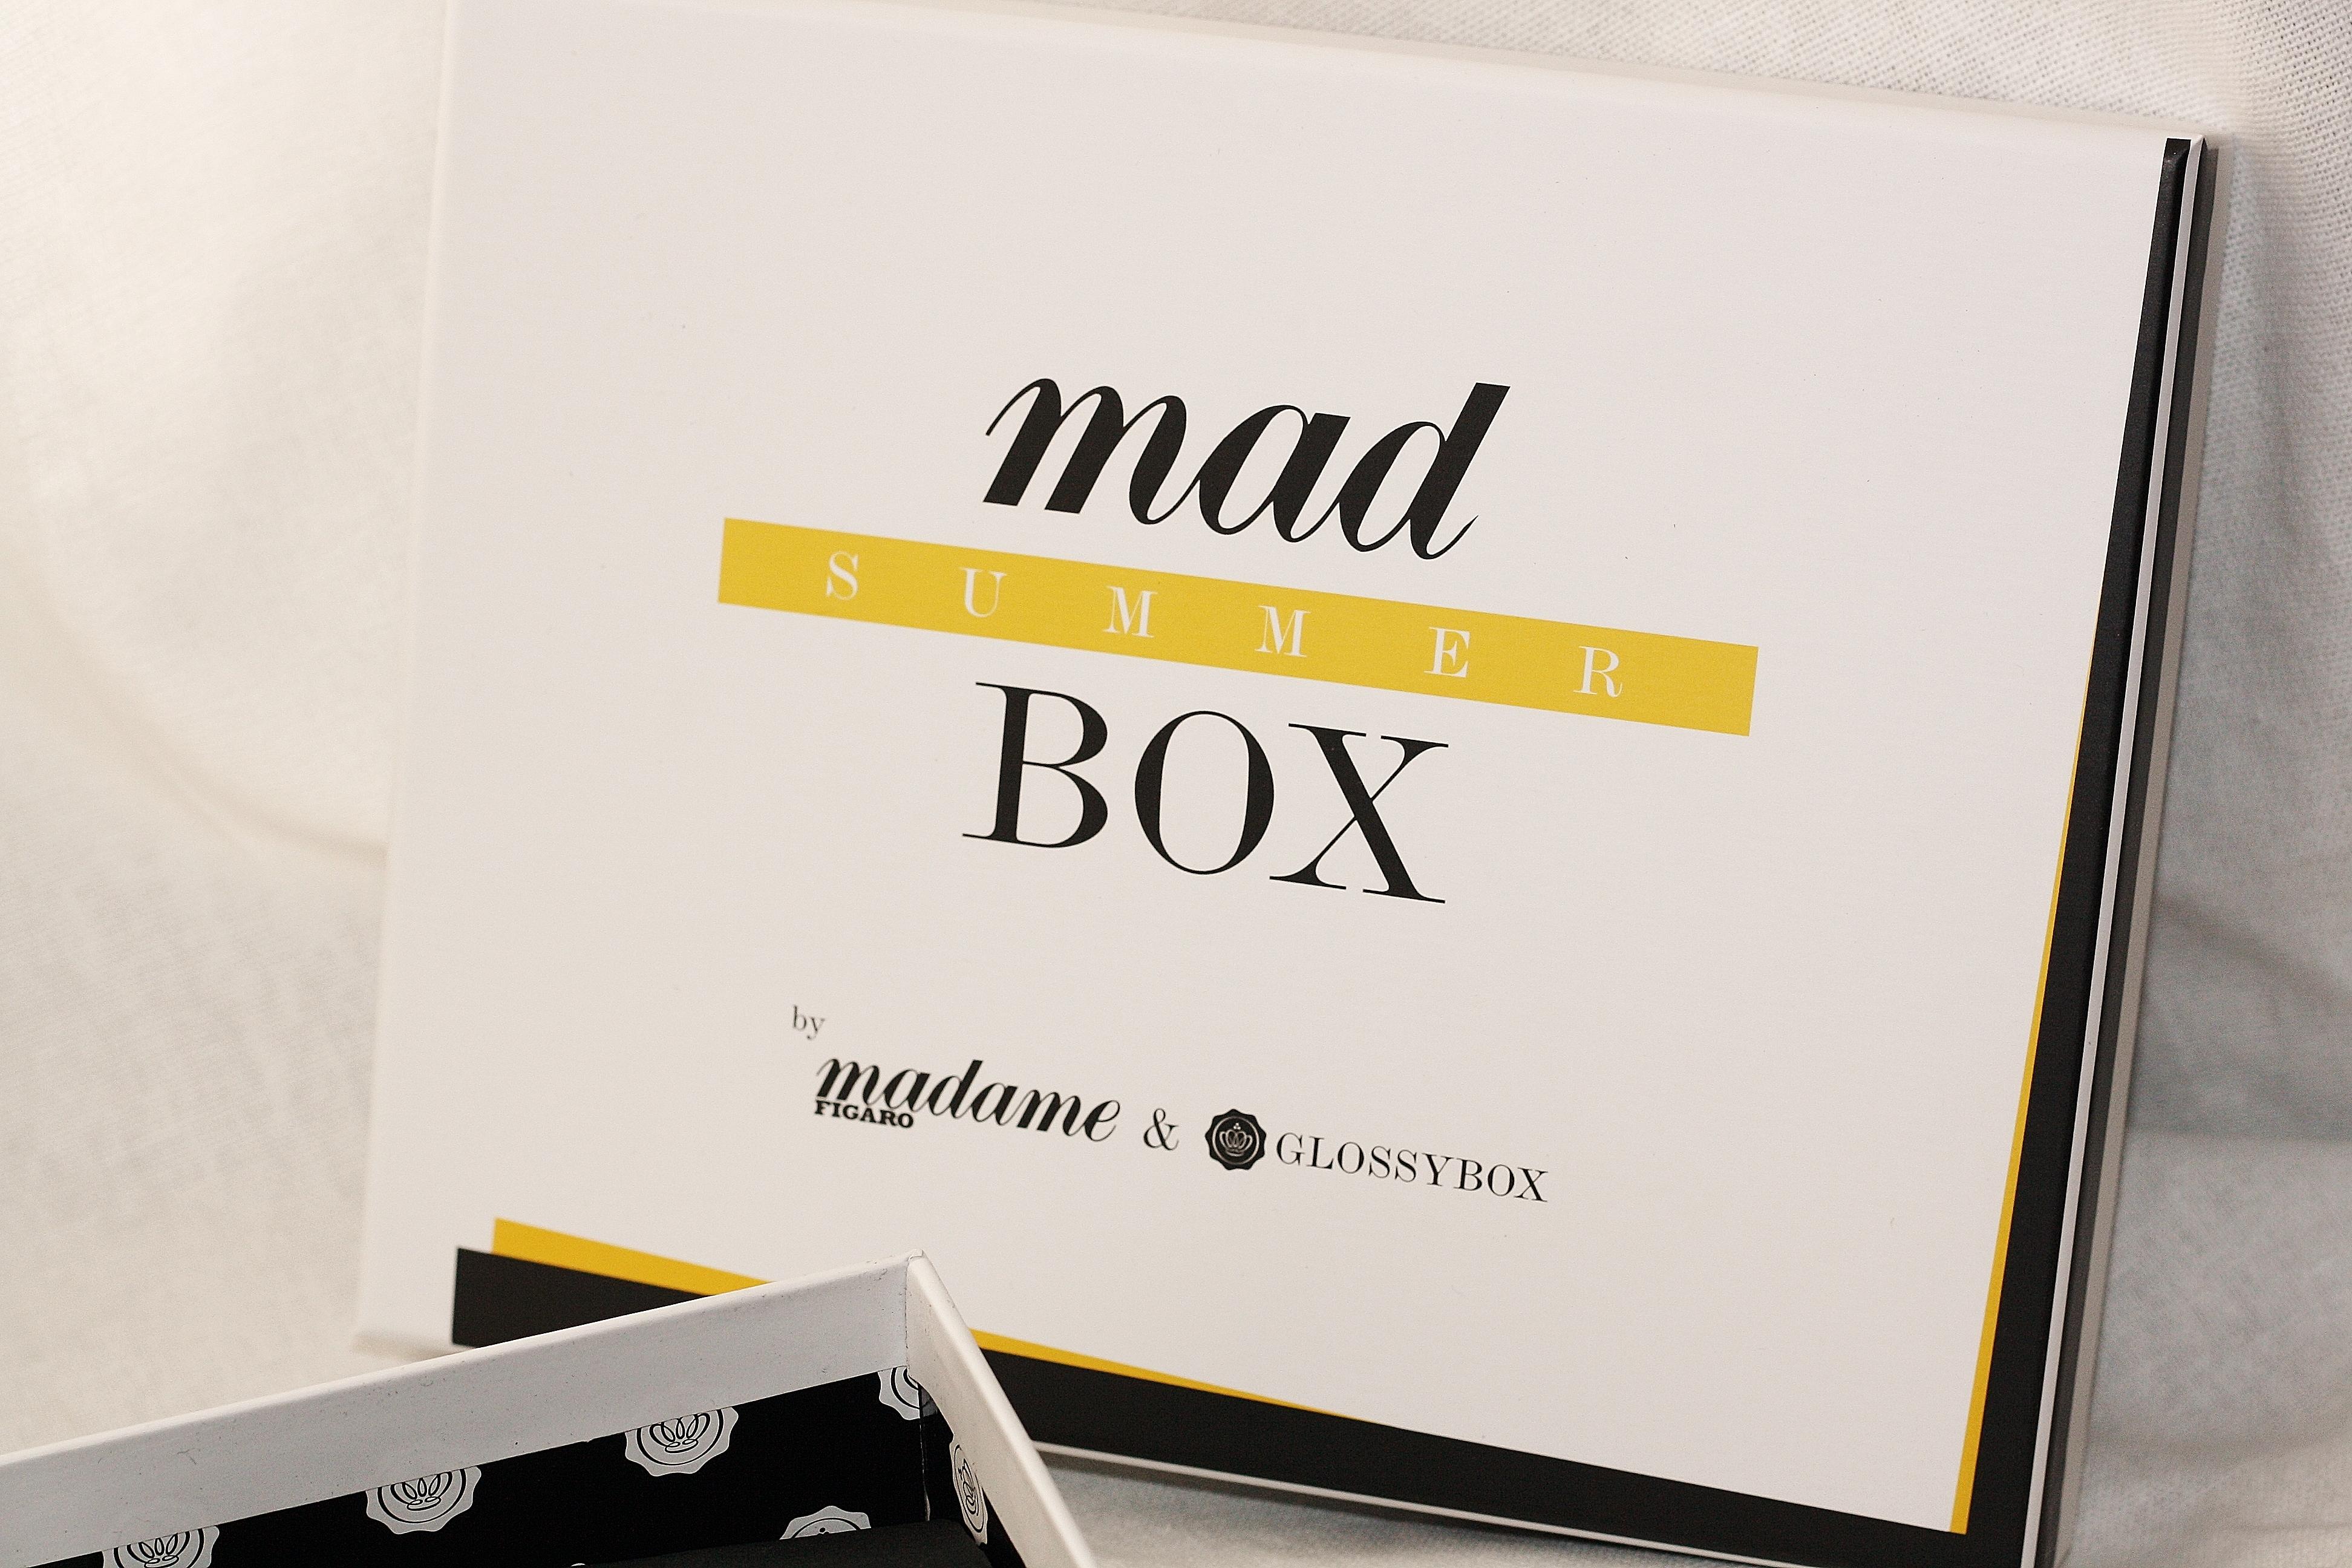 La boîte Mad Summer Box